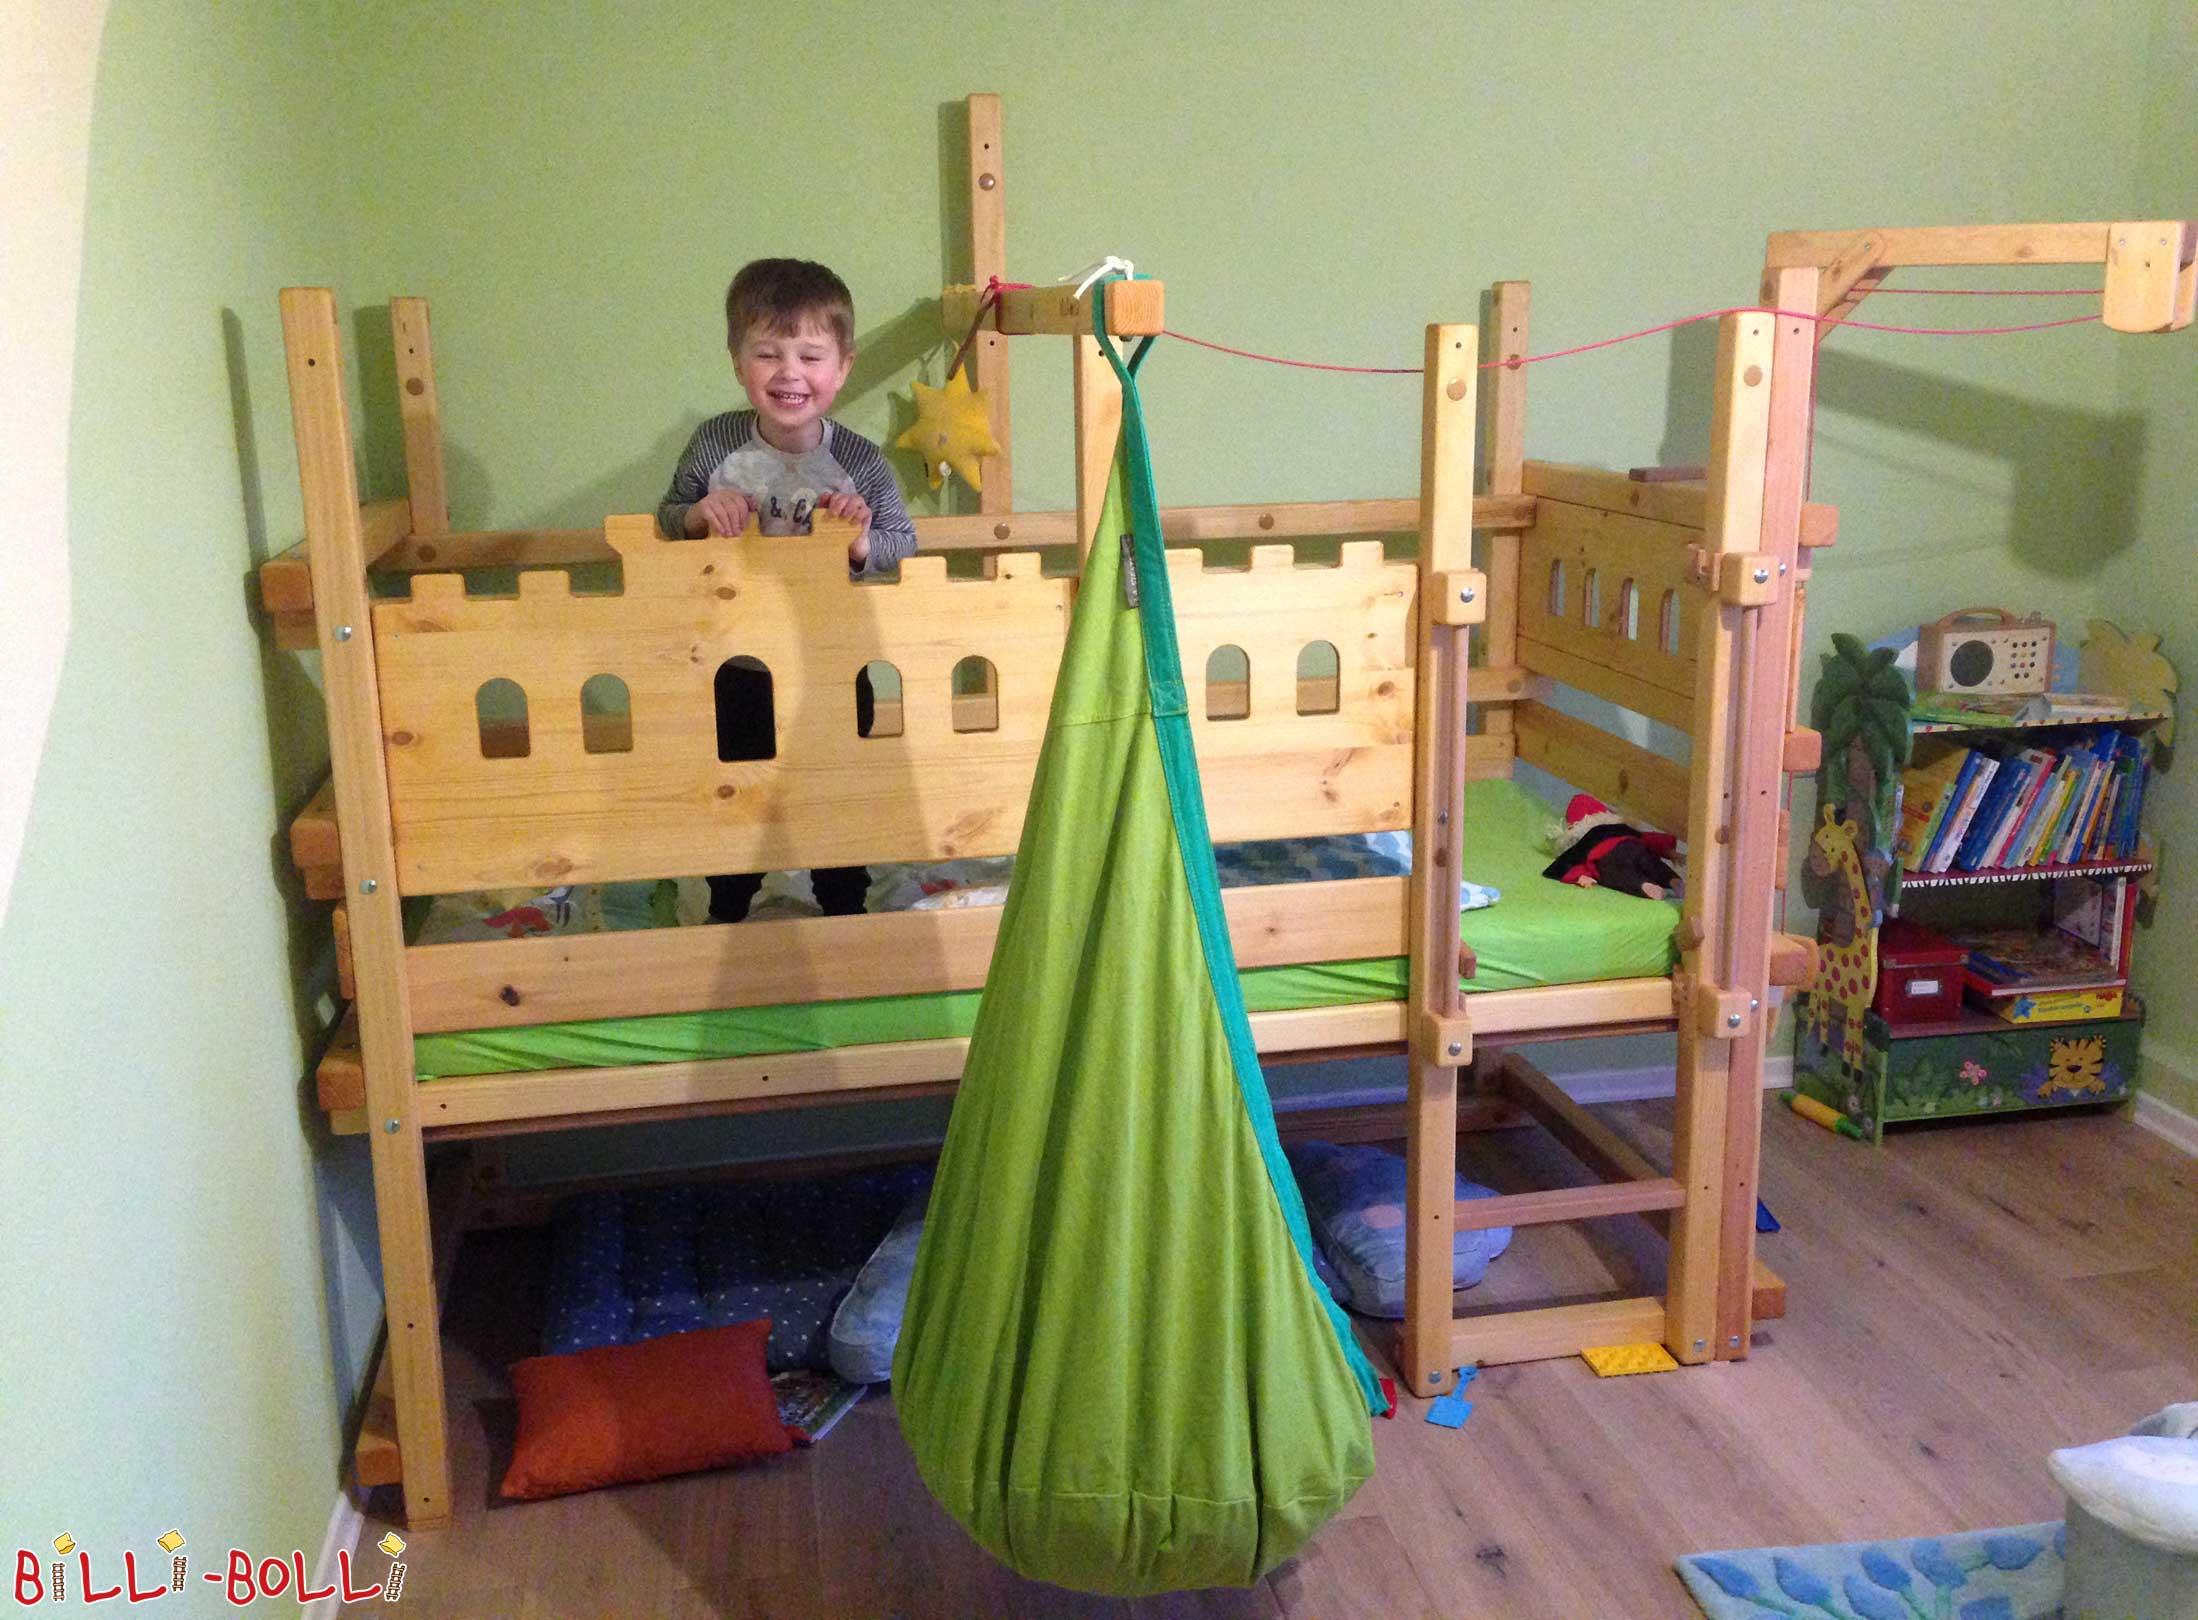 lit mezzanine bas meubles pour enfants billi bolli. Black Bedroom Furniture Sets. Home Design Ideas